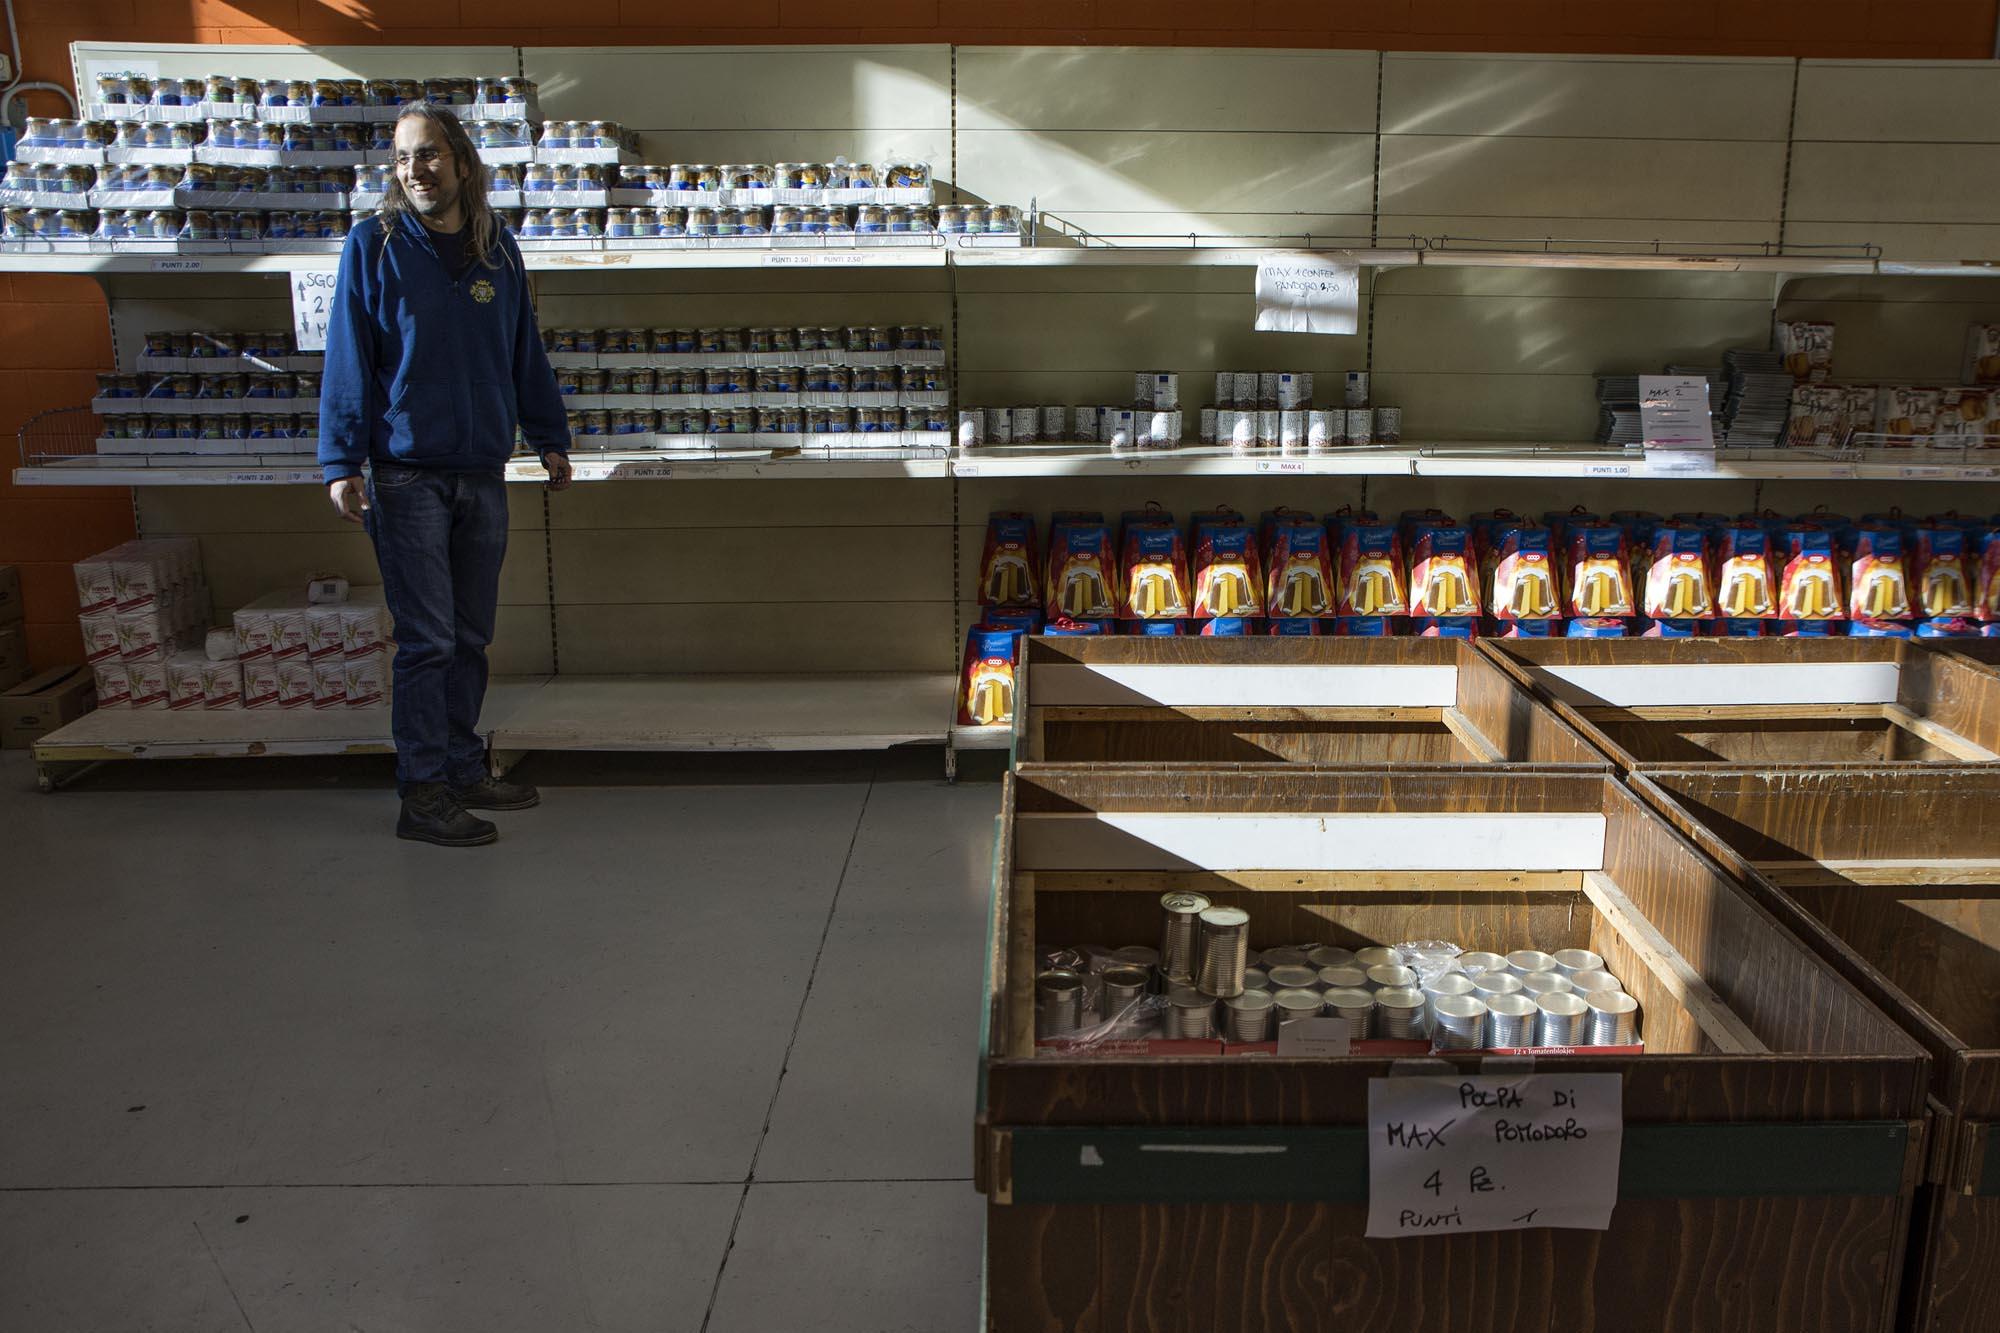 0736 Volontari in un market solidale 3 - Assistenza alimentare alle famiglie, emporio